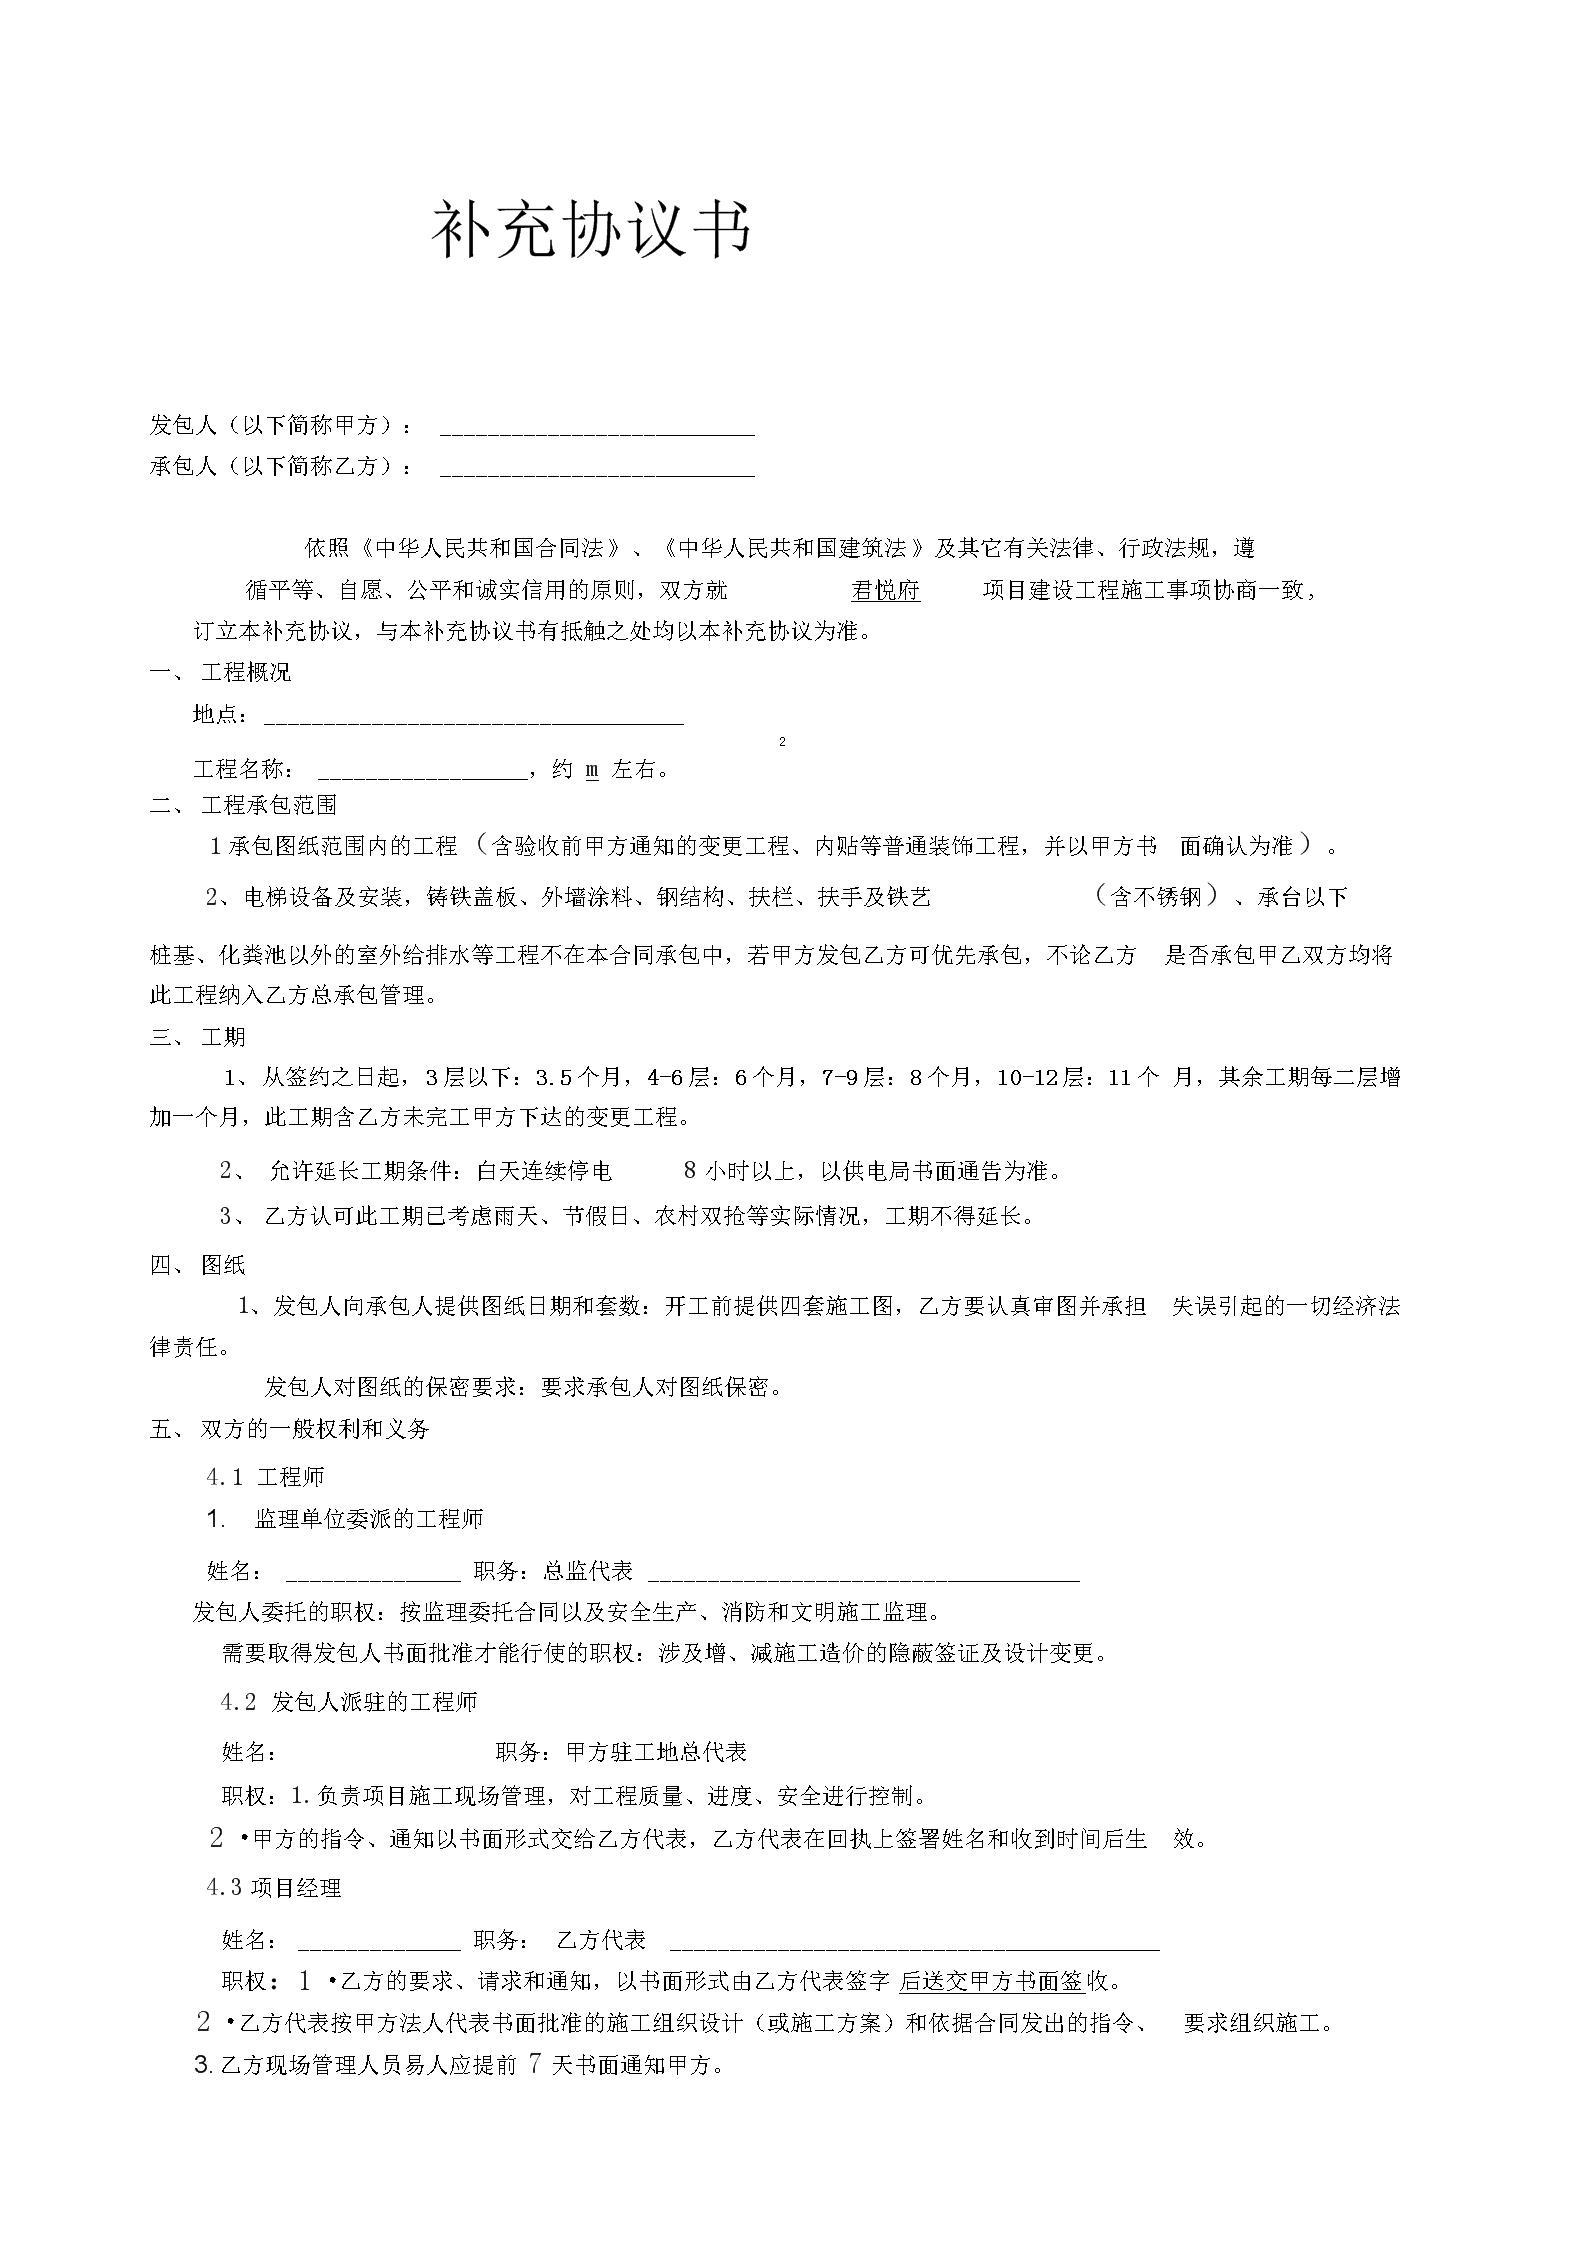 二期土建水、电合同(君悦府)2014-1-31.d终稿.docx